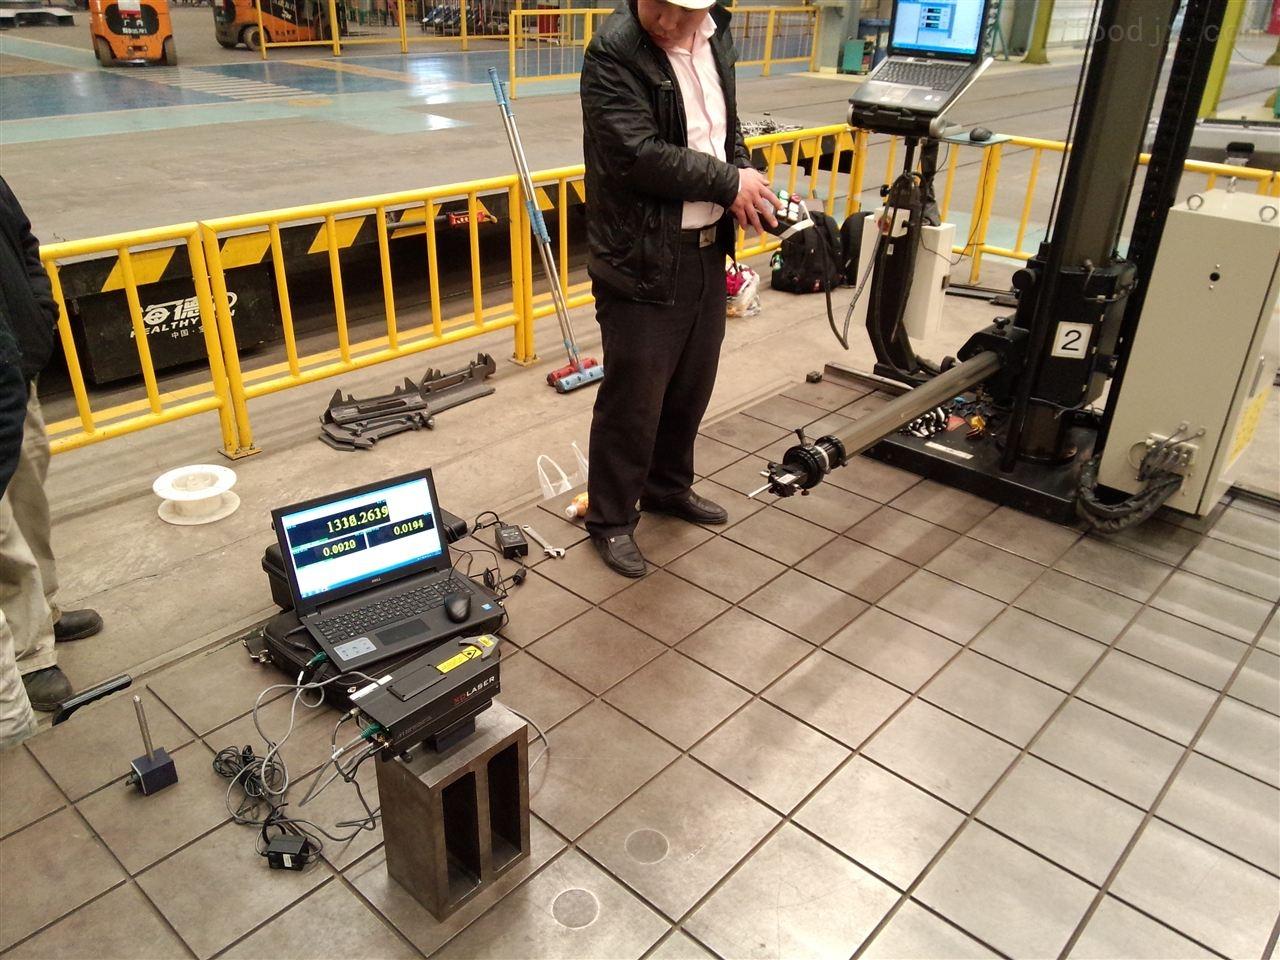 北京关节臂检测服务三维扫描仪逆向抄数